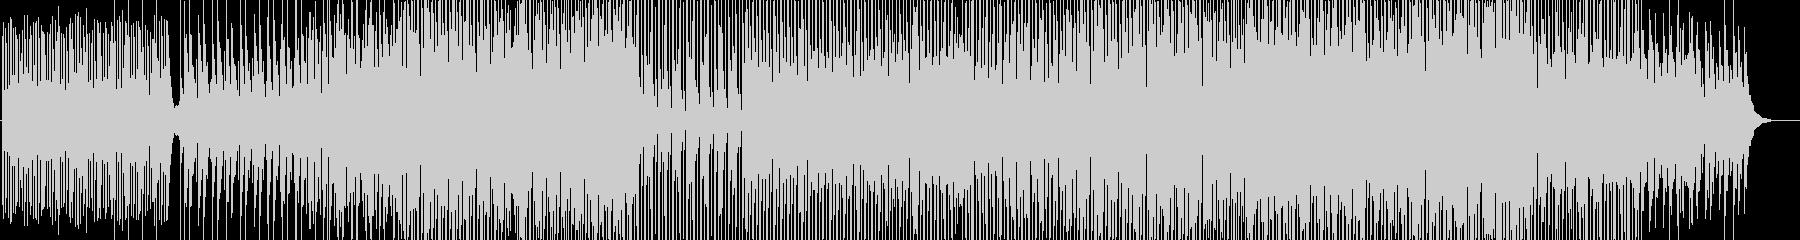 ナチュラル-EDM-PV-GoPro-爽の未再生の波形